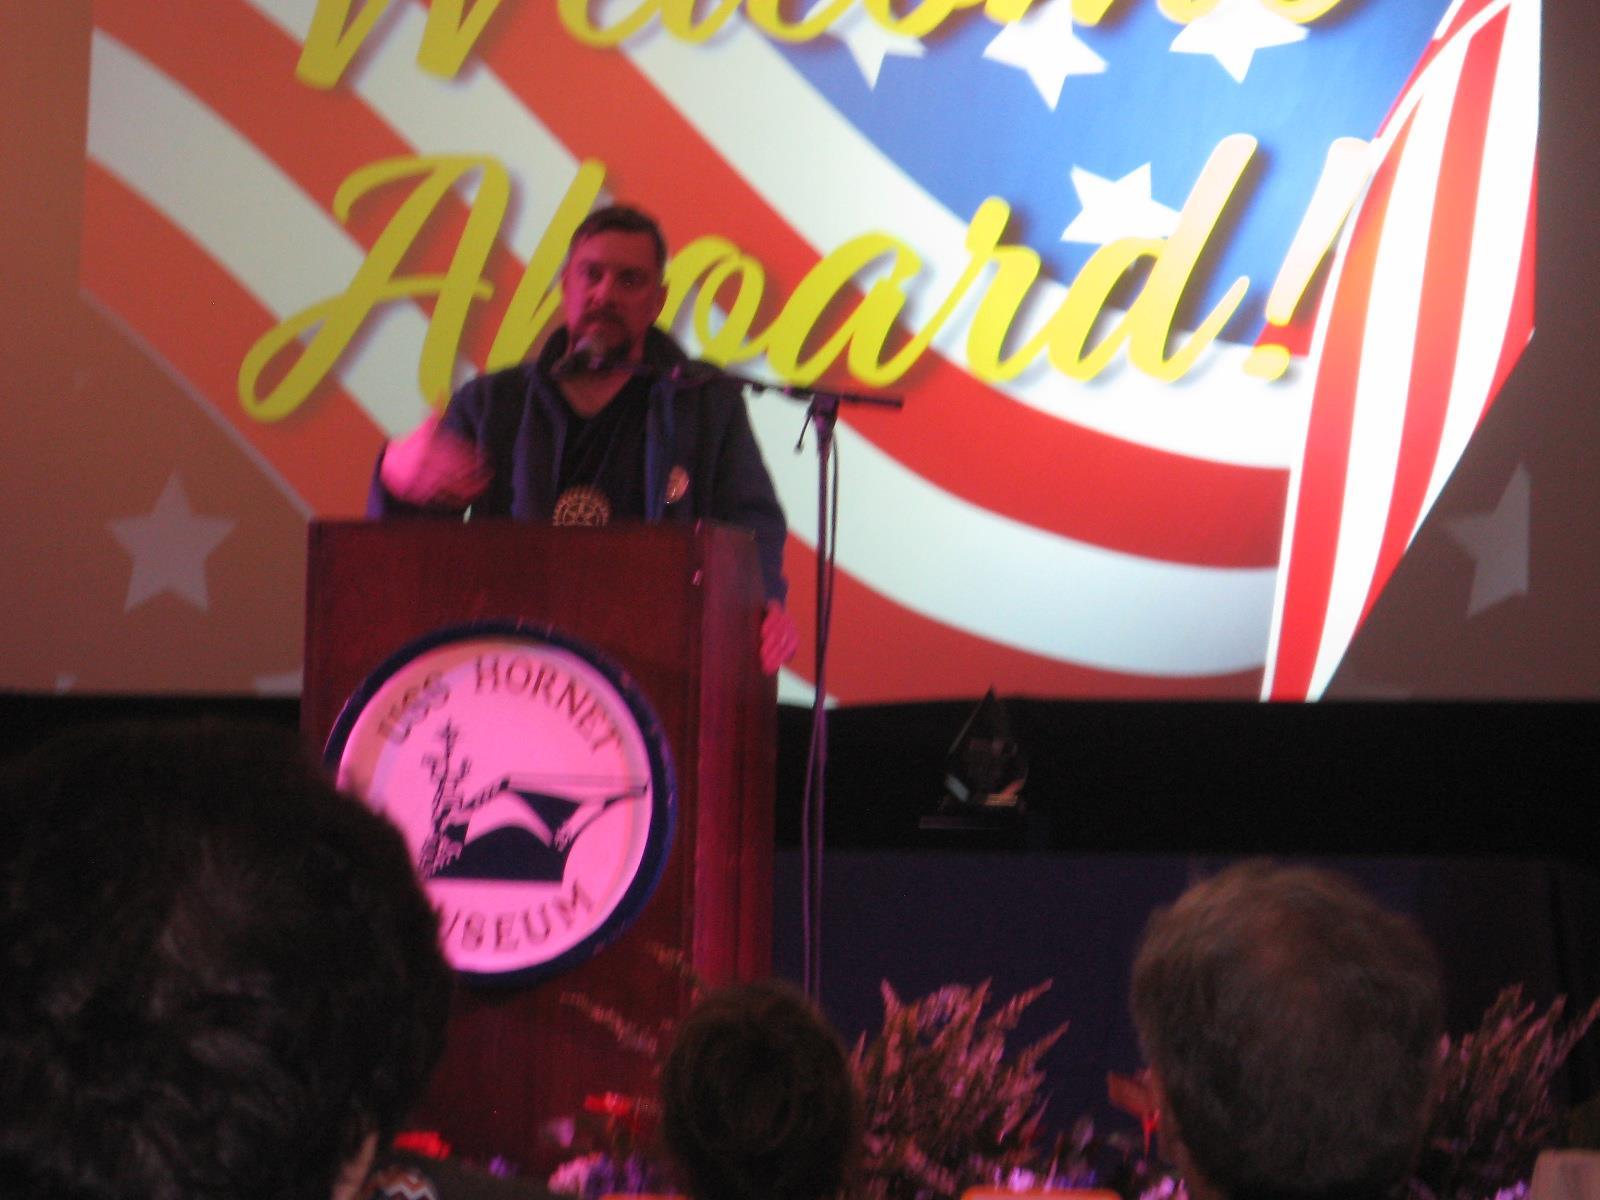 Todd Douglas Miller - Apollo 11 Director